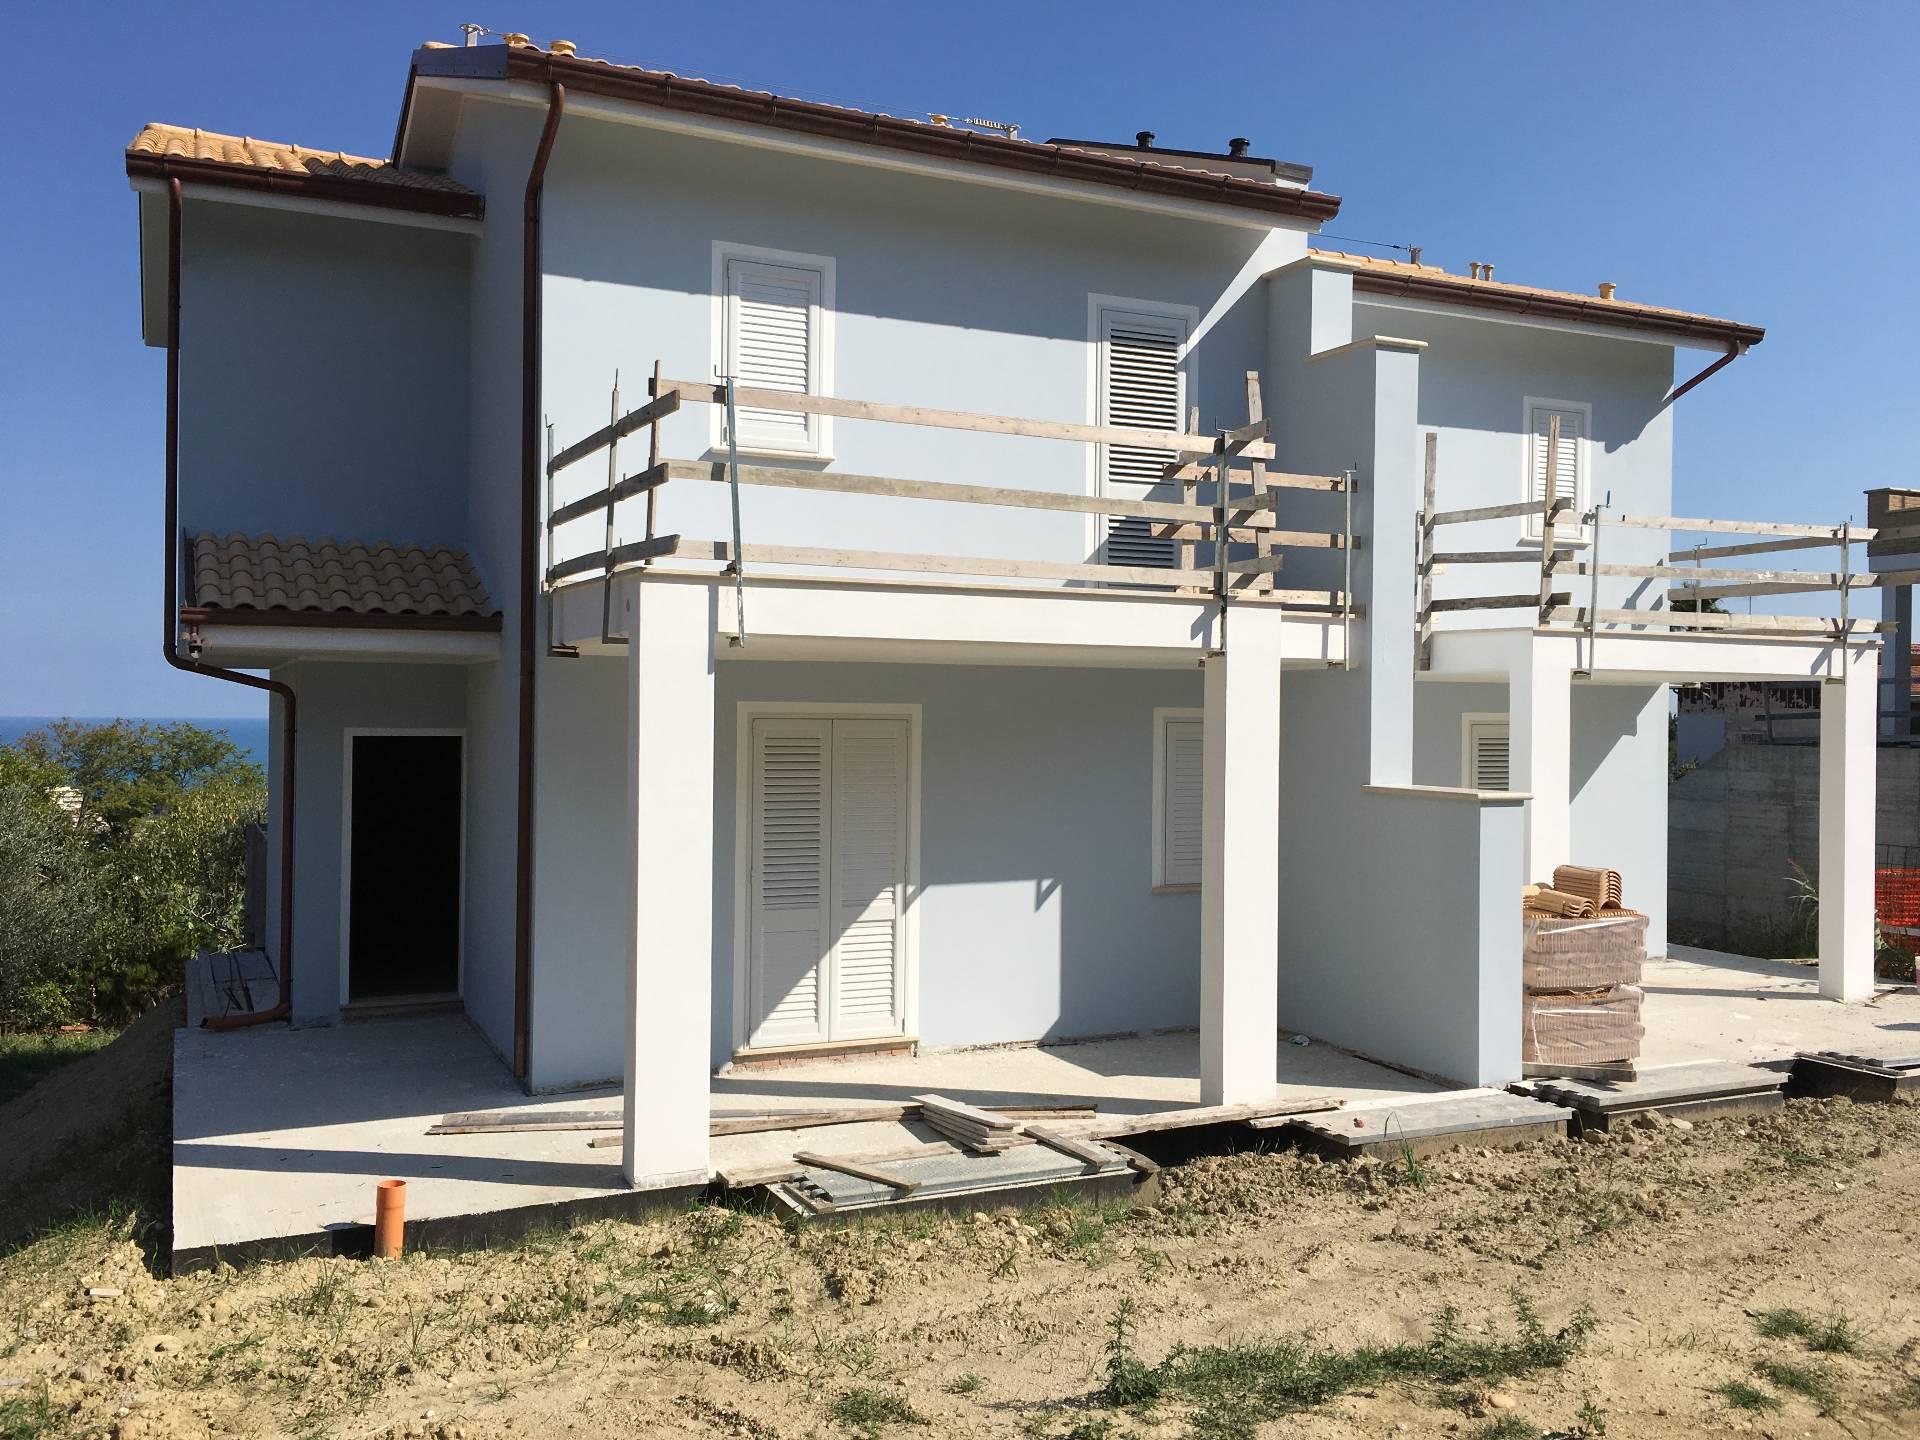 Villa in vendita a San Benedetto del Tronto, 5 locali, zona Località: zonaS.Lucia, prezzo € 495.000 | Cambio Casa.it